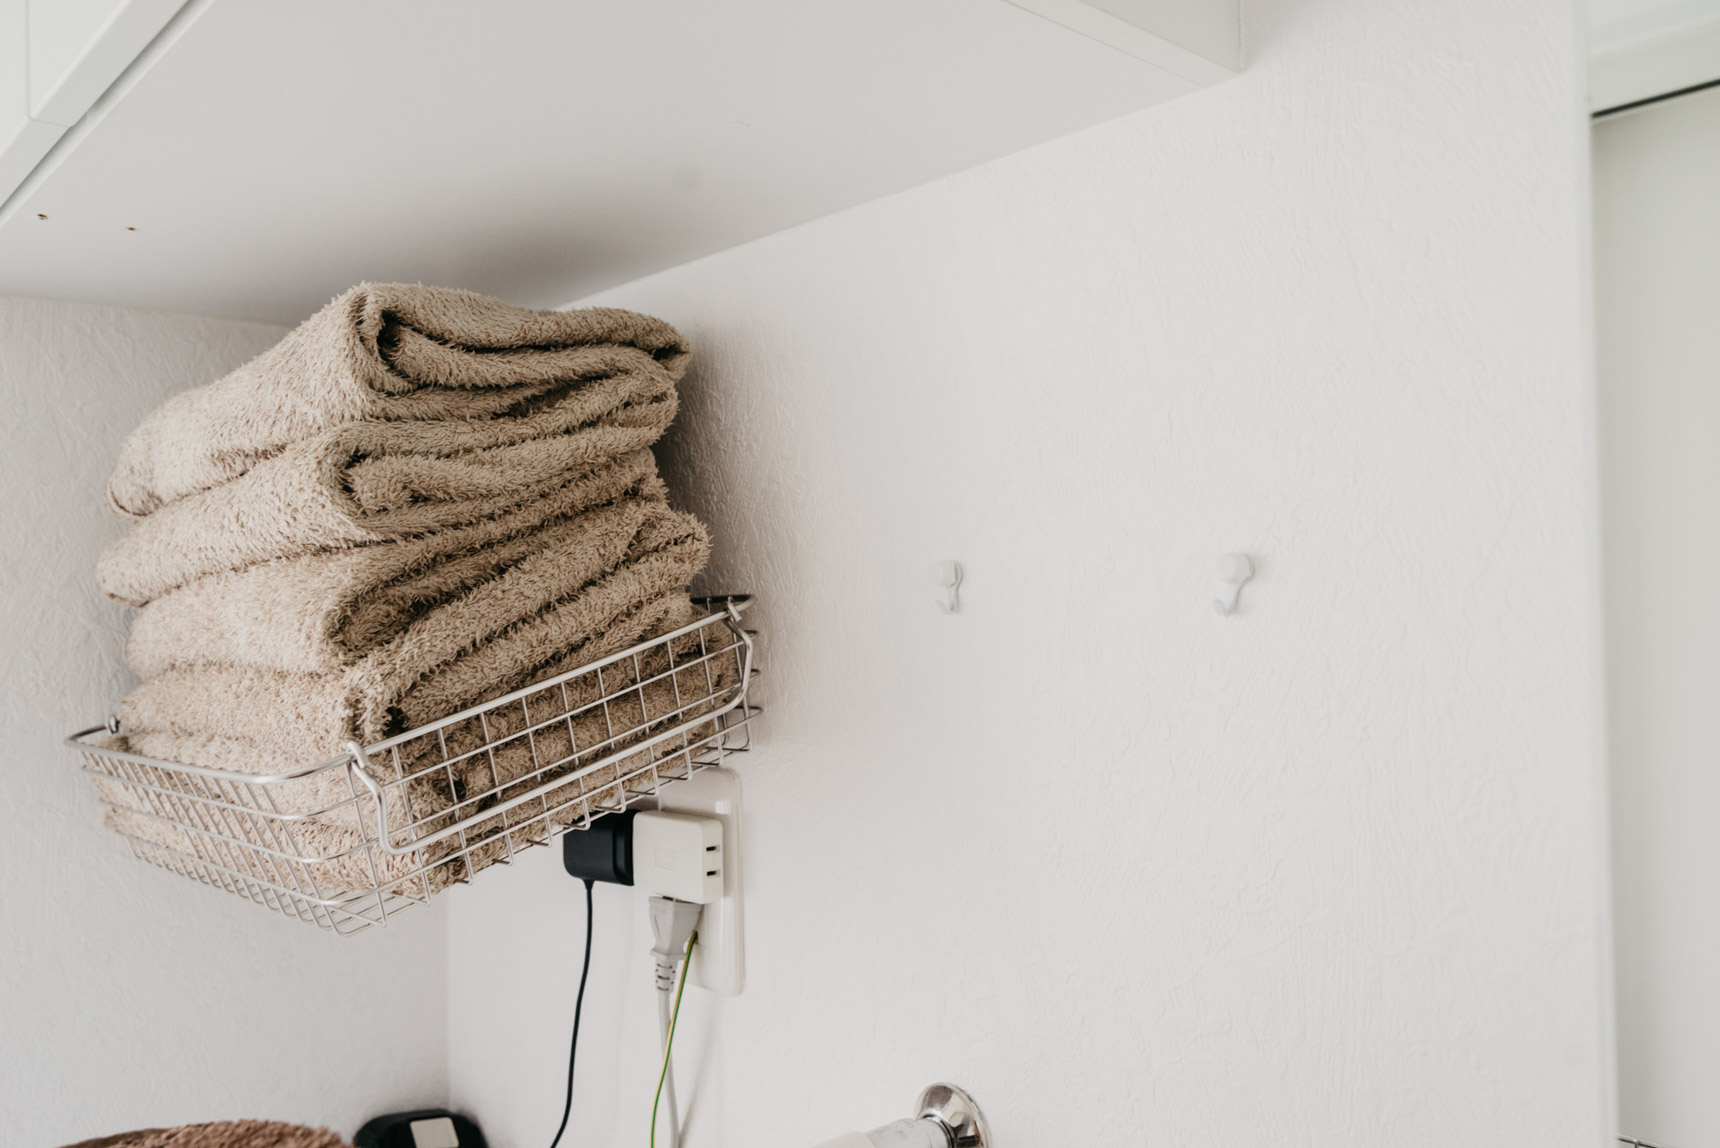 脱衣所のタオルの収納。無印良品のステンレスワイヤーバスケットを、賃貸OKのフックでそのまま壁づけ!シンプルでいろんな場所に活用できそうなアイディアです。